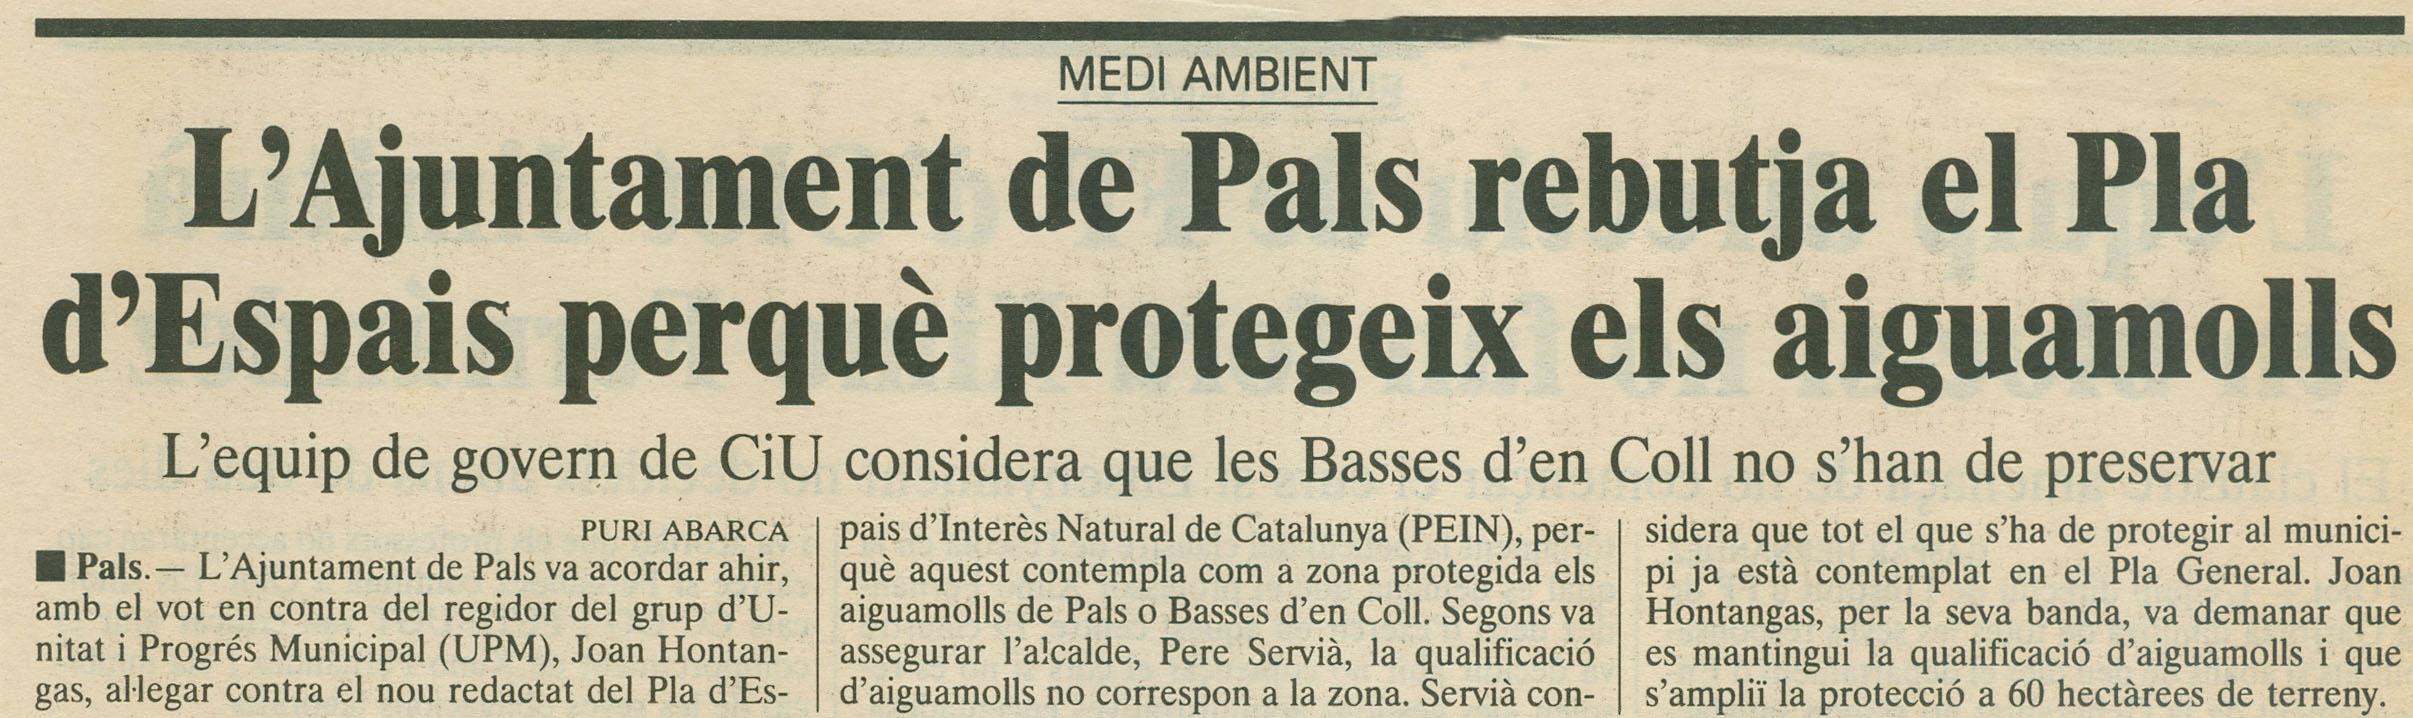 Punt-Diari, 16-9-1989